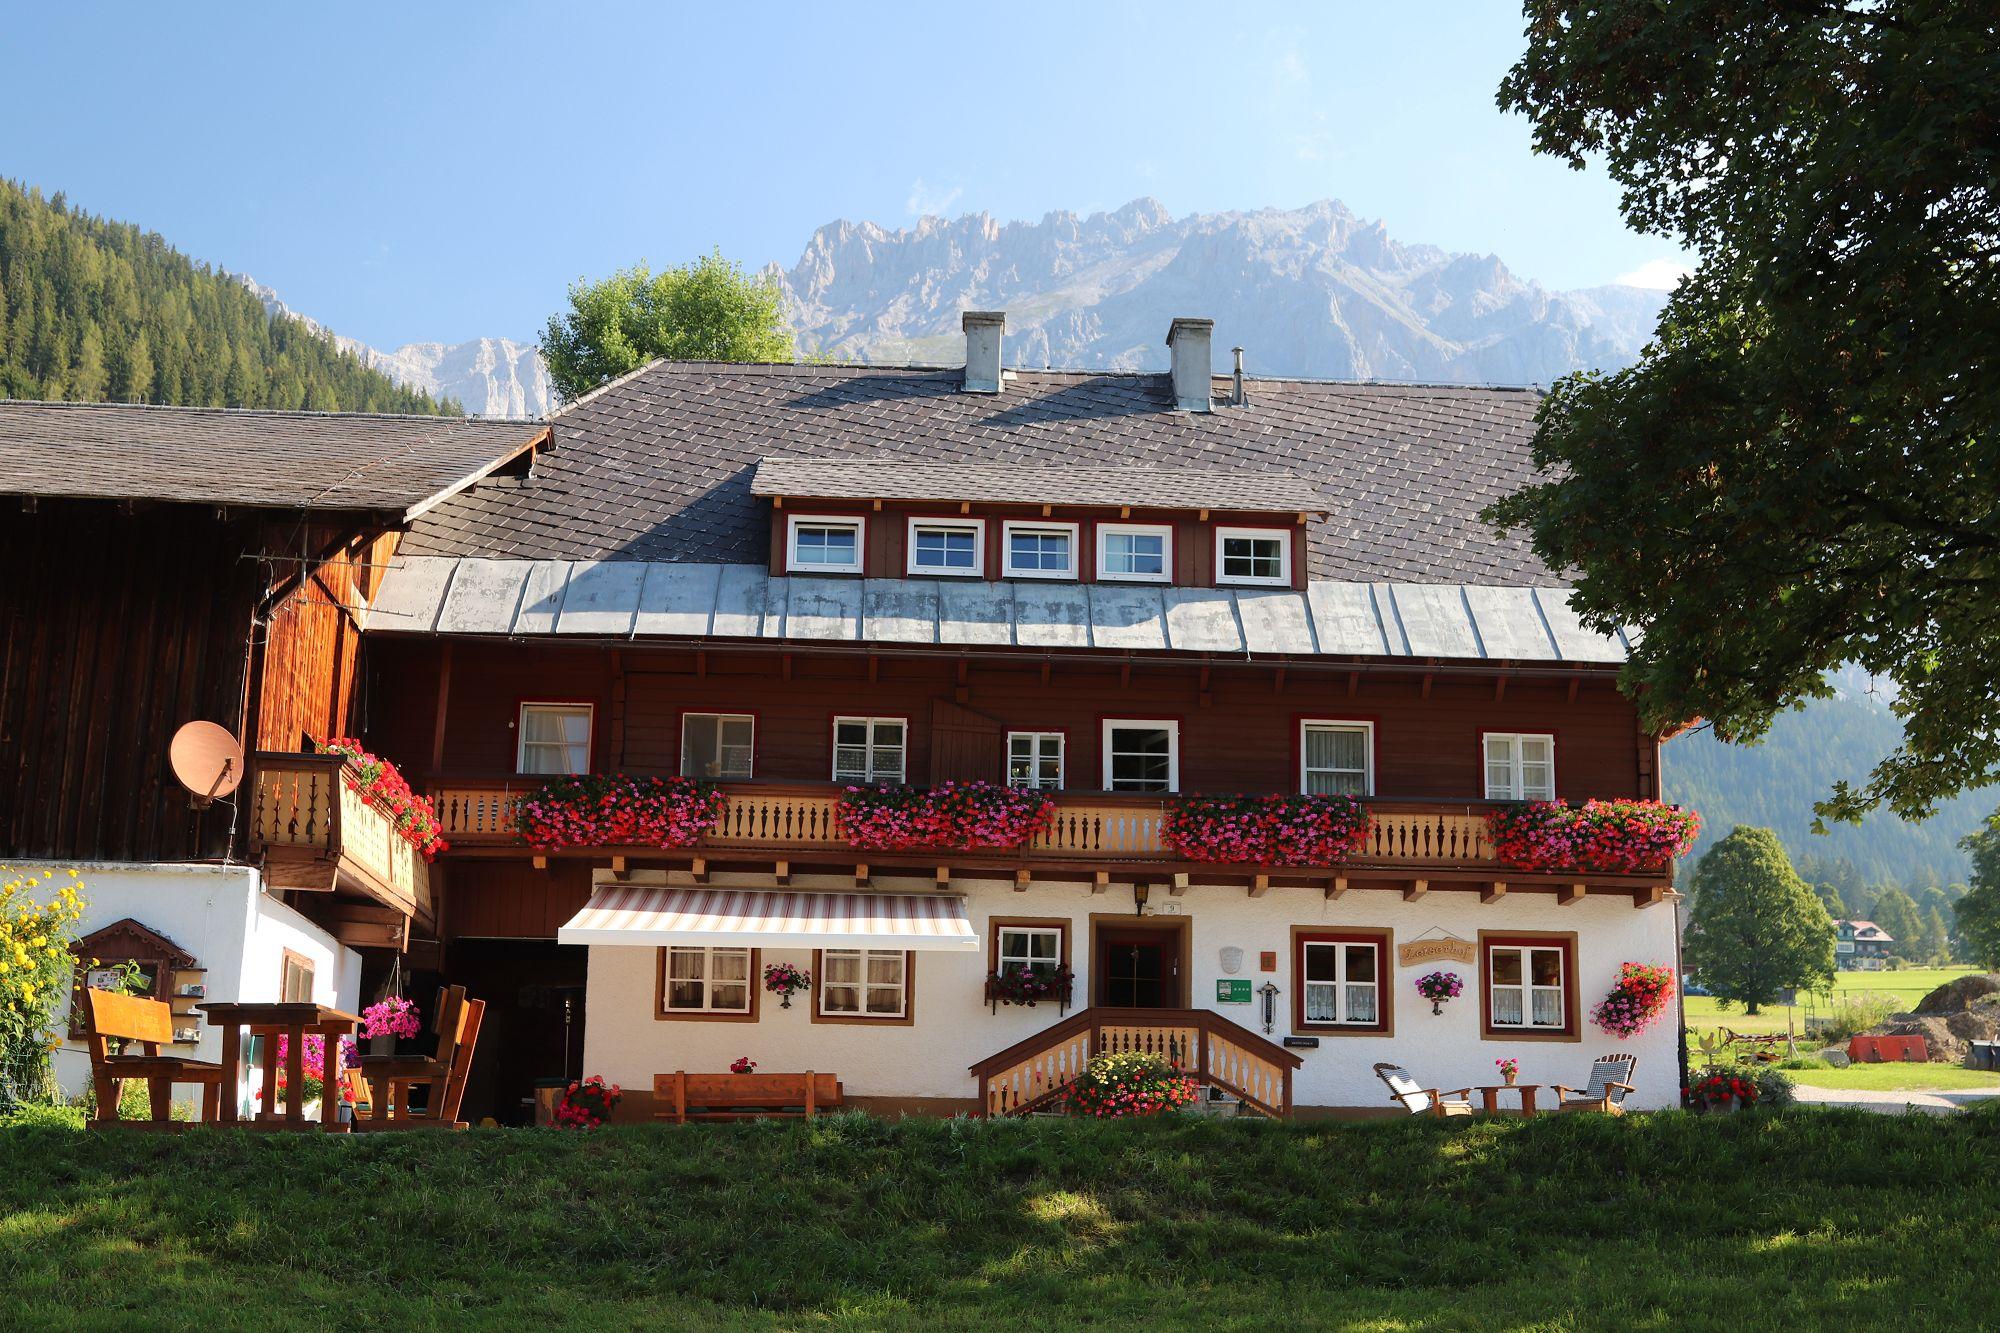 k-zeiserhof-bauernhof